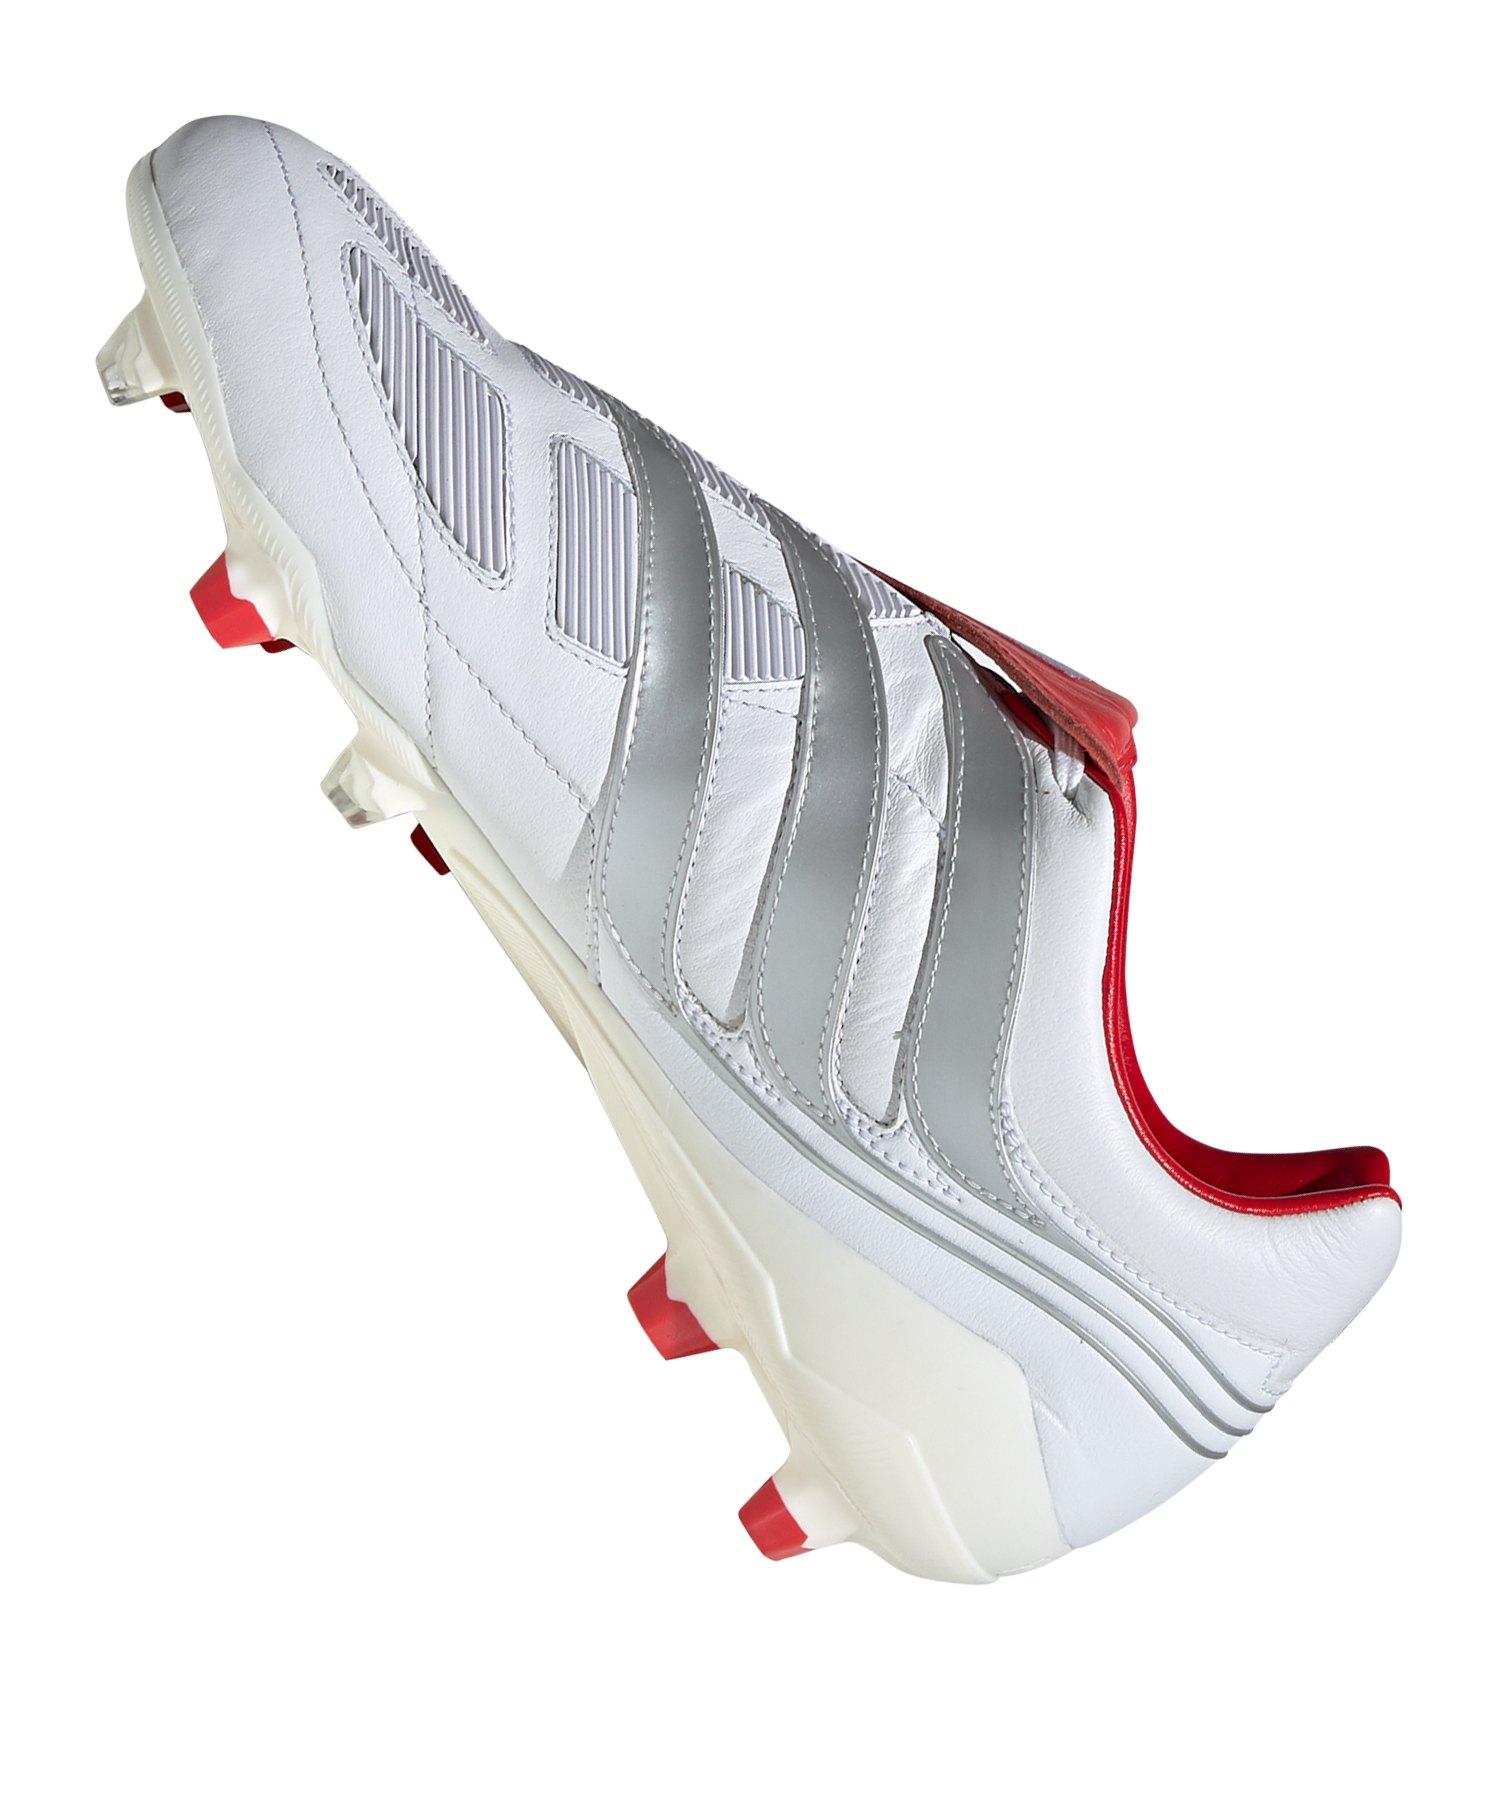 save off aa91b b57b1 ... adidas Predator Precision FG Beckham Weiss - weiss ...